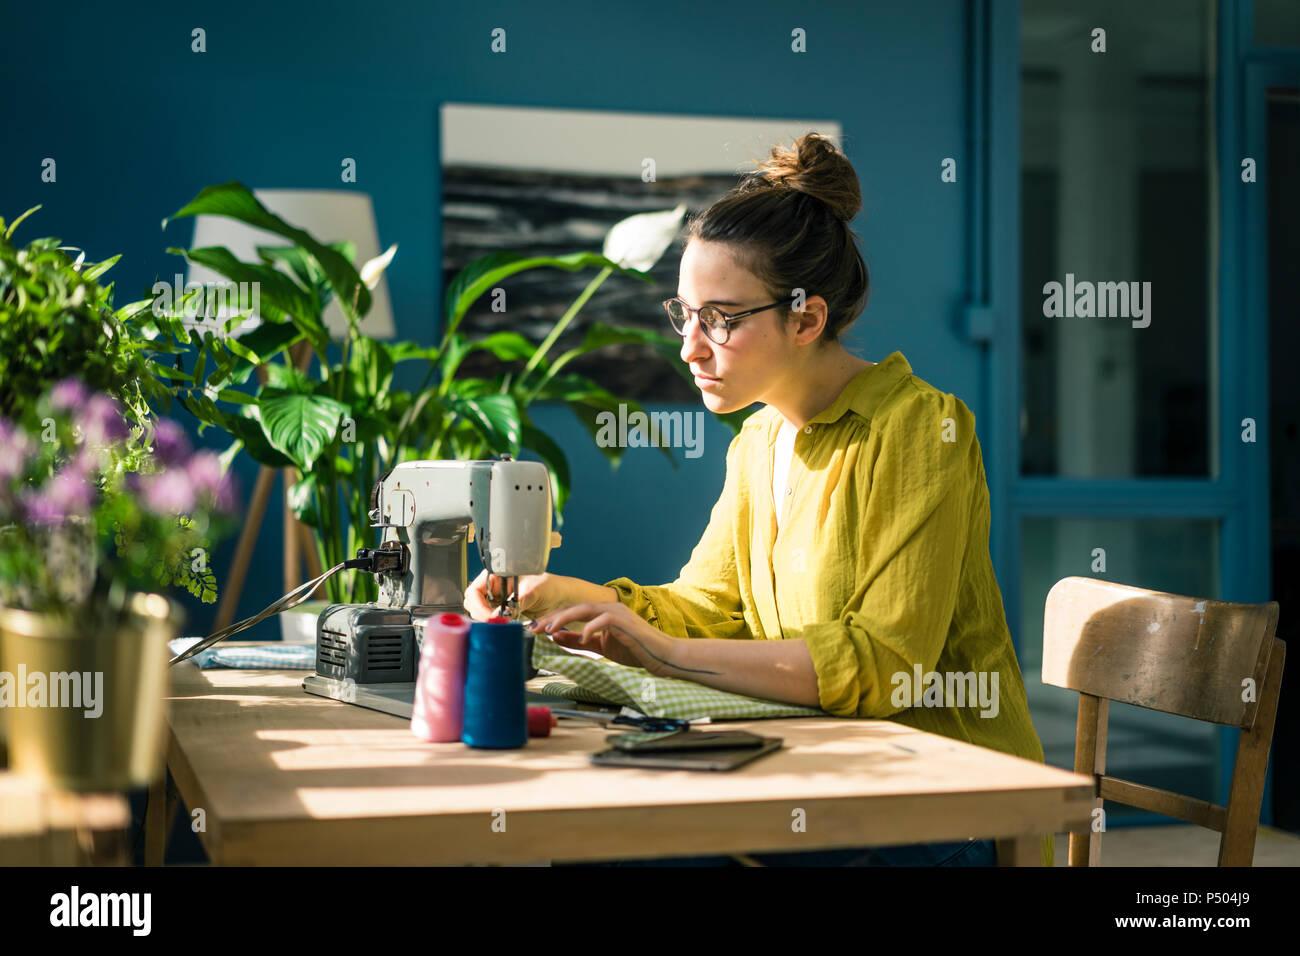 Fashion designer che lavora con la macchina da cucire nel suo studio Immagini Stock